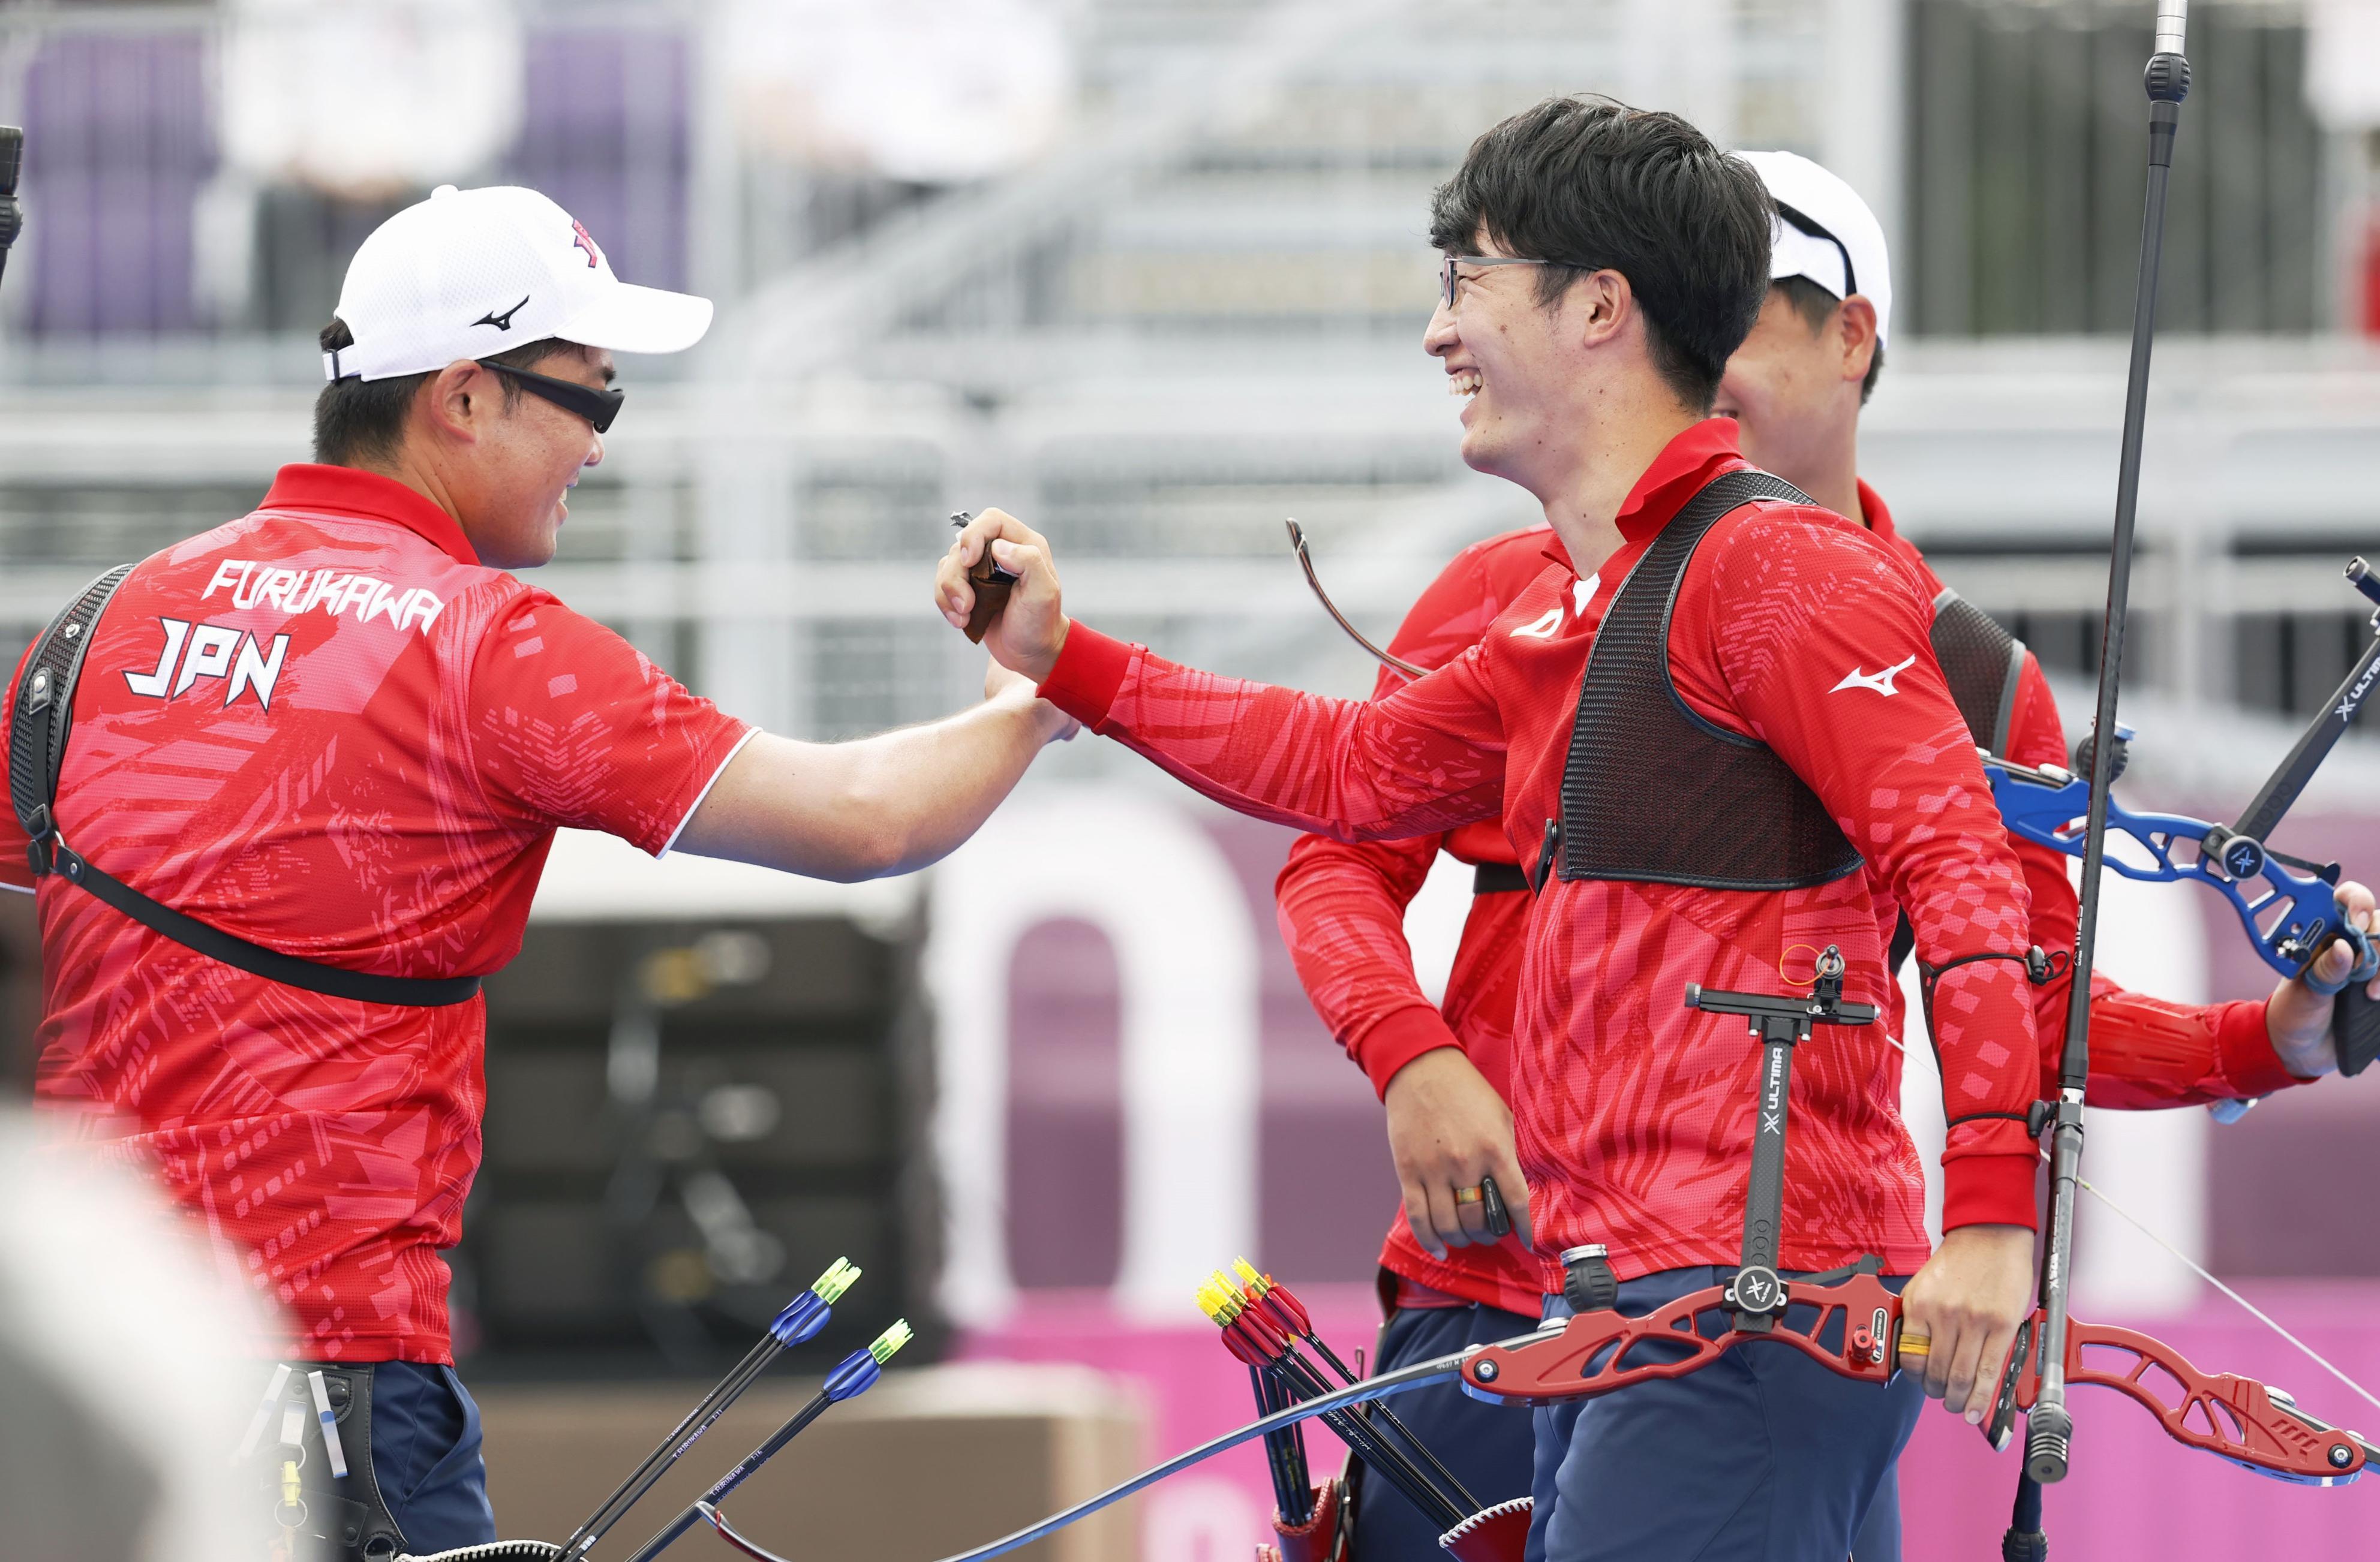 アーチェリー男子団体準々決勝で米国に勝ち喜ぶ古川高晴(左)と武藤弘樹=夢の島公園アーチェリー場